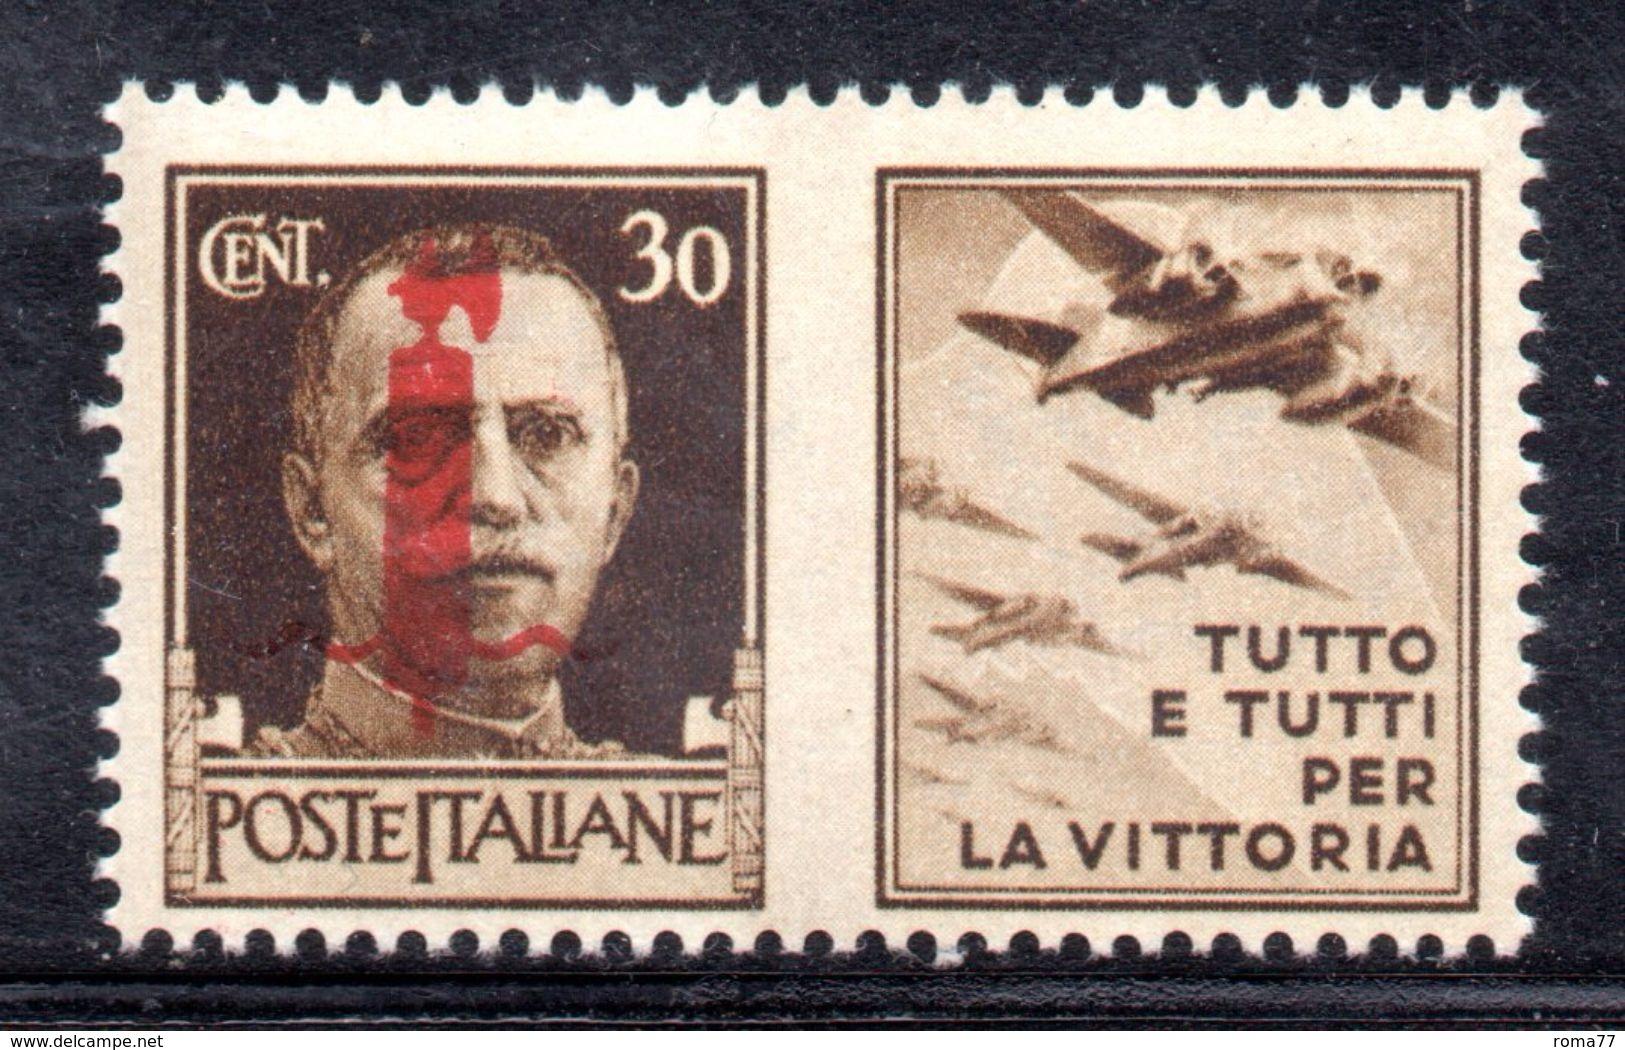 XP3210 - RSI , Propaganda Di Guerra Il Valore Da 30 Cent (tutto E Tutti ...) ** MNH - 4. 1944-45 Repubblica Sociale